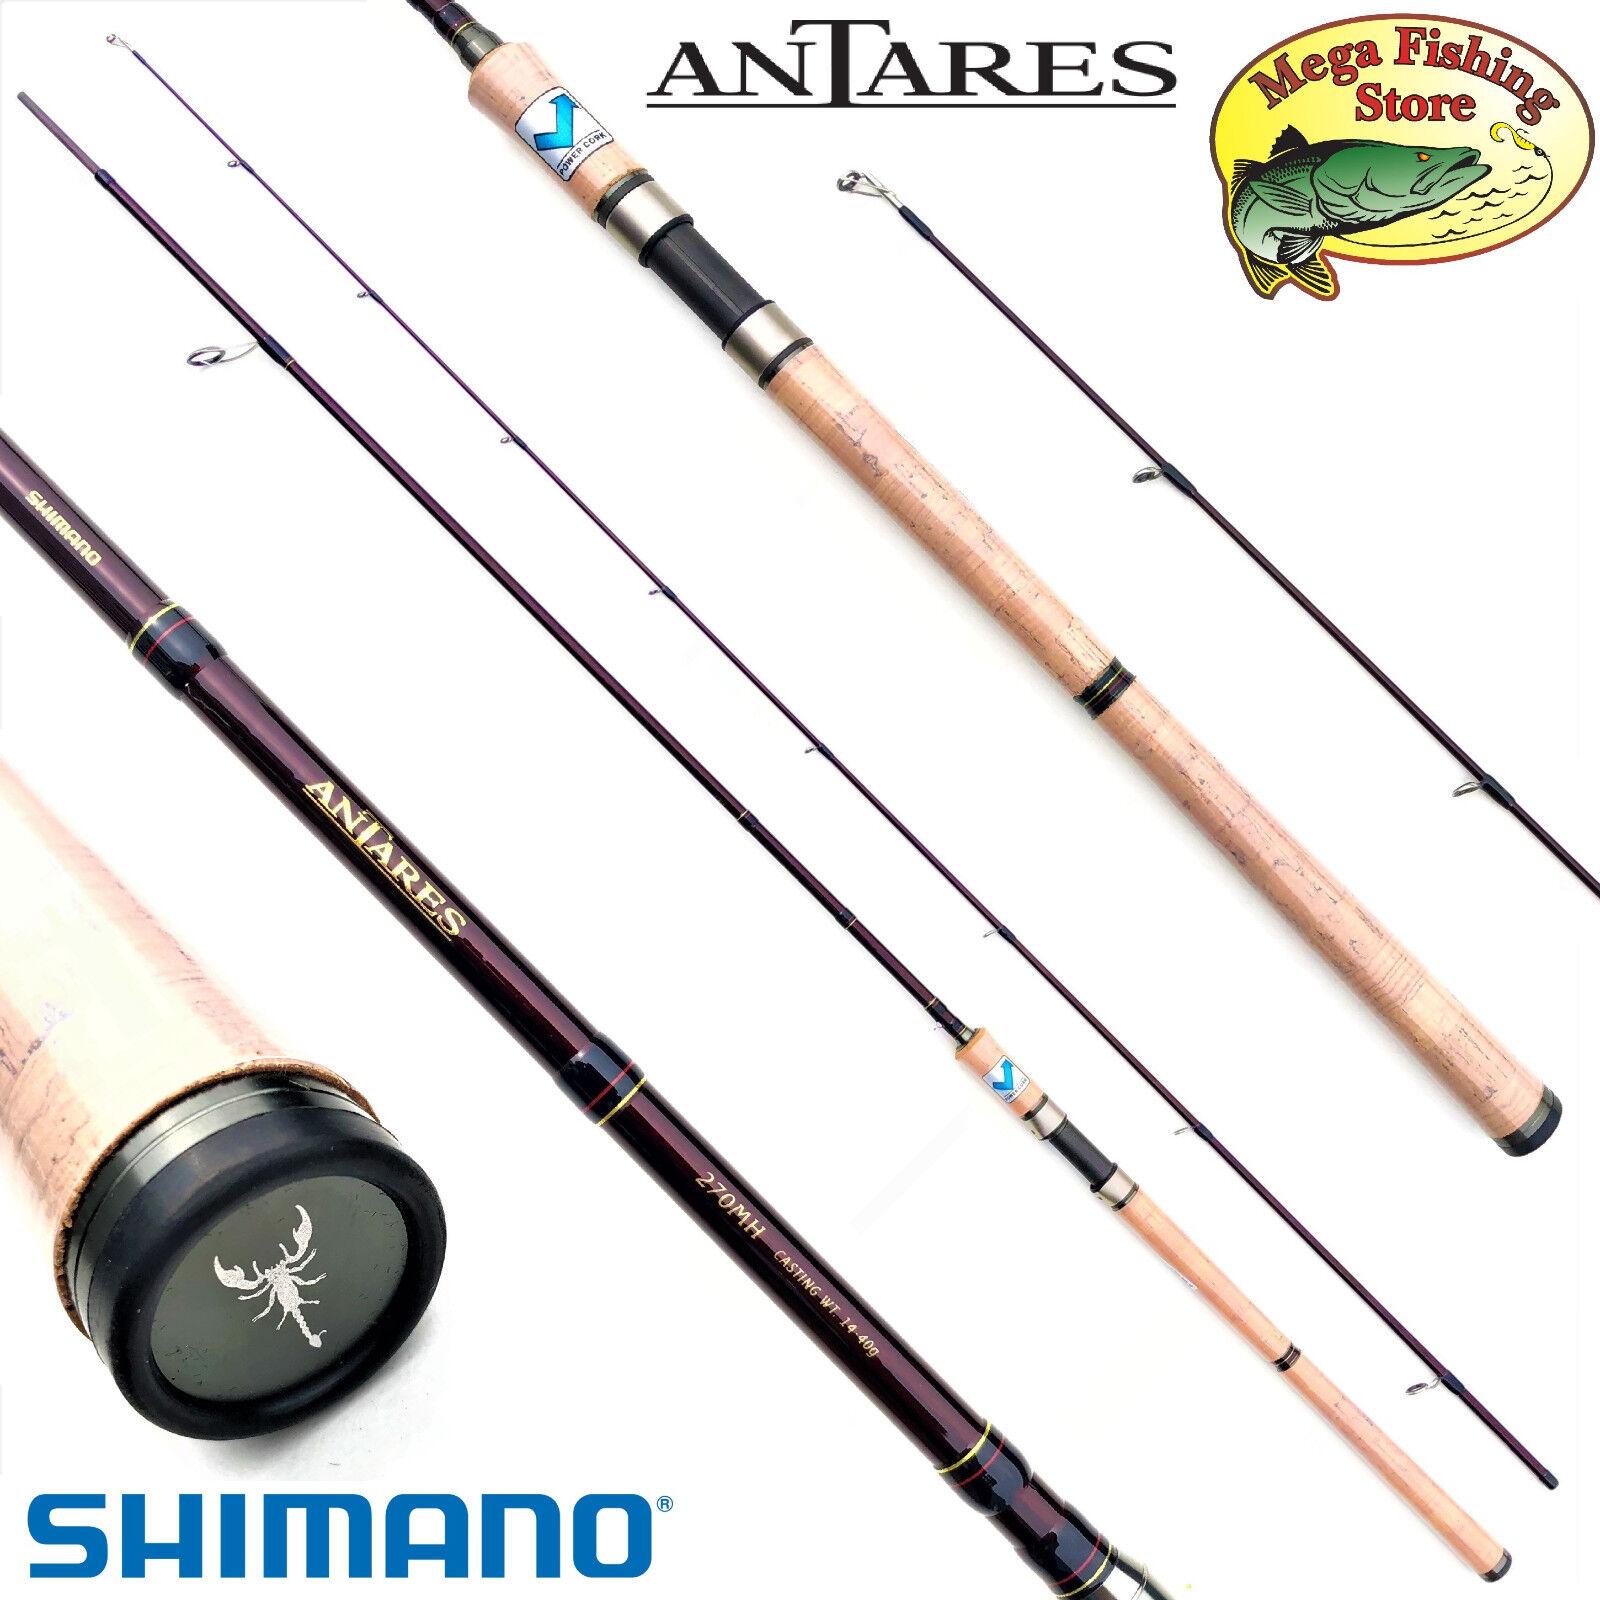 Shimano Antares DX spinning spin vara 2,70m 3,00m 10-30g 14-40g 20-50g Cocherete fijo